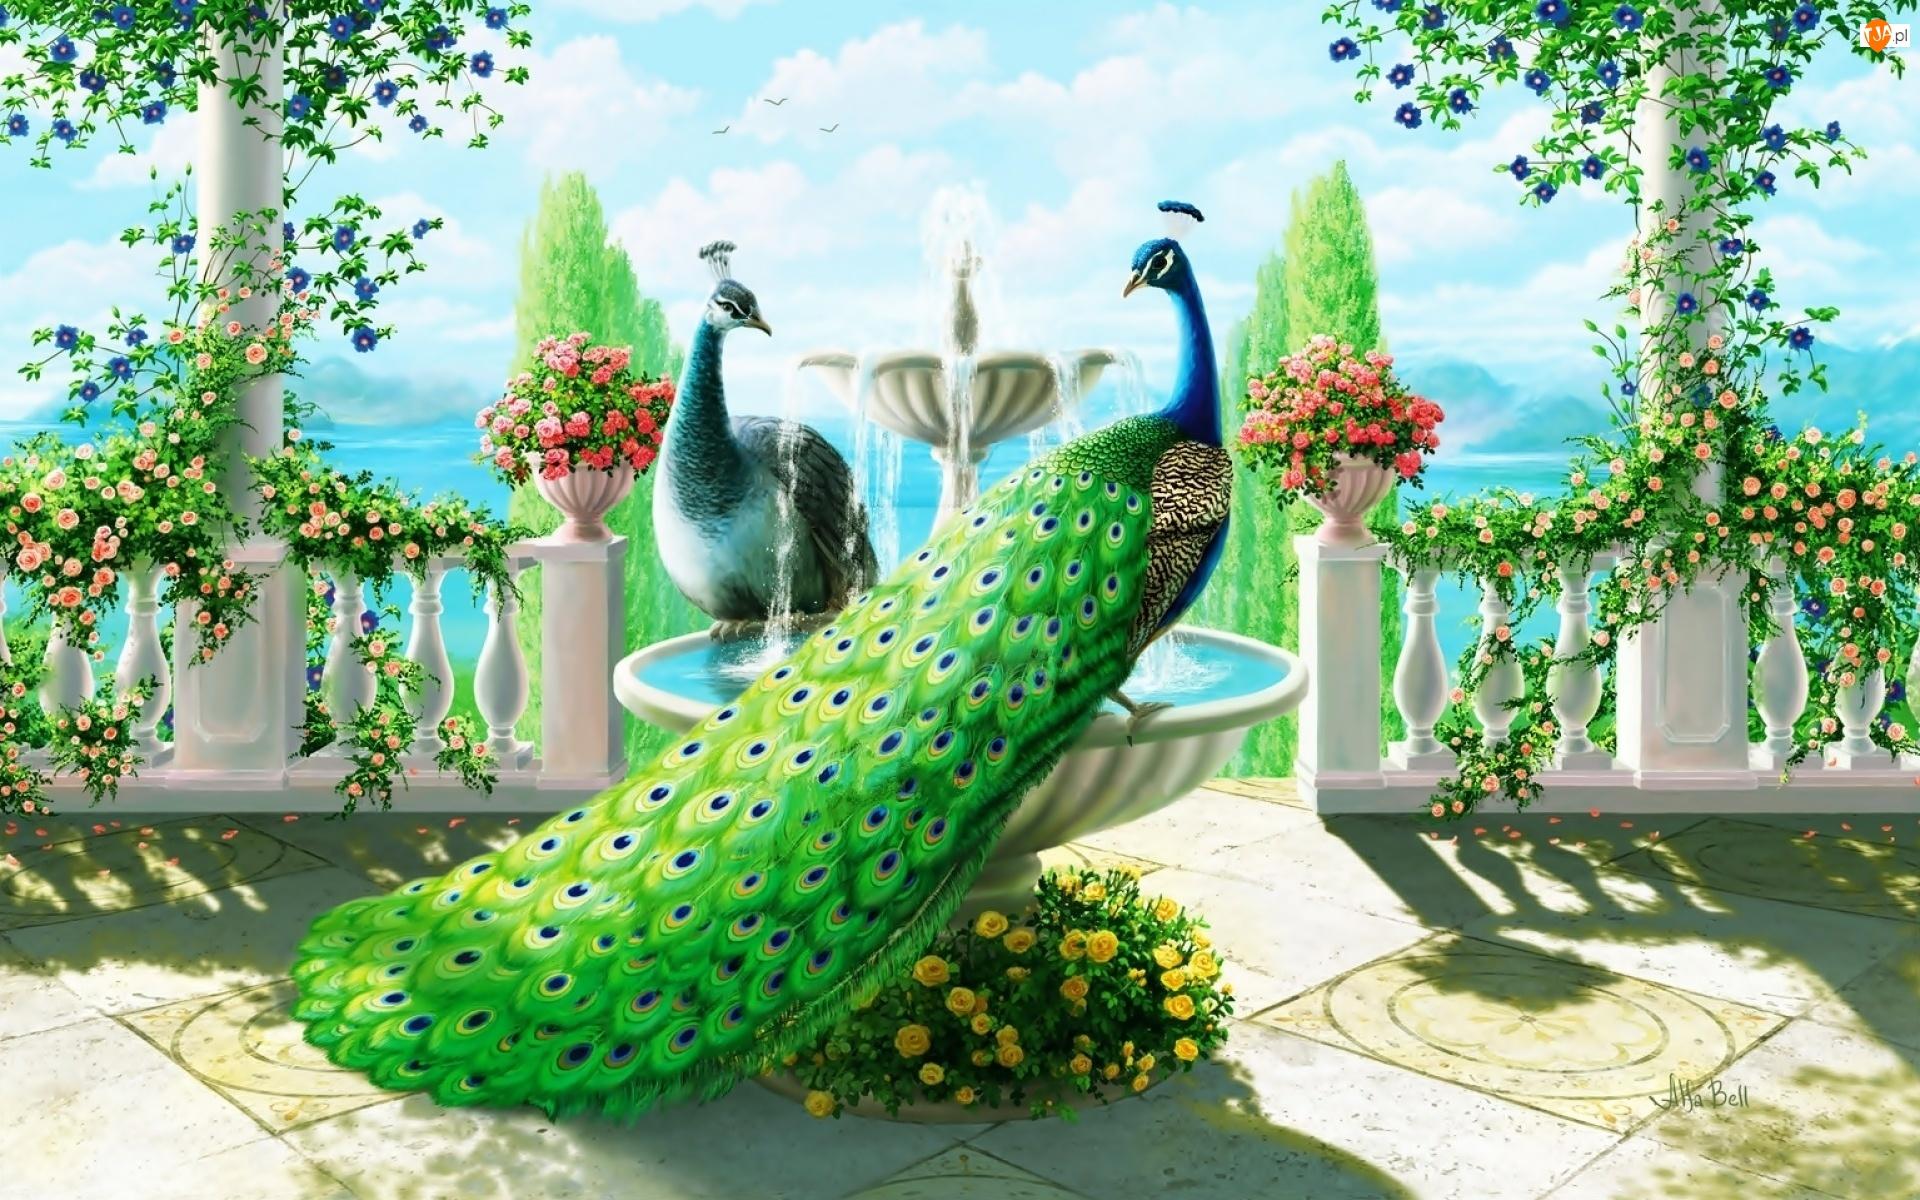 Róże, Taras, Pawia, Piękna, Morze, Fontanna, Pnące